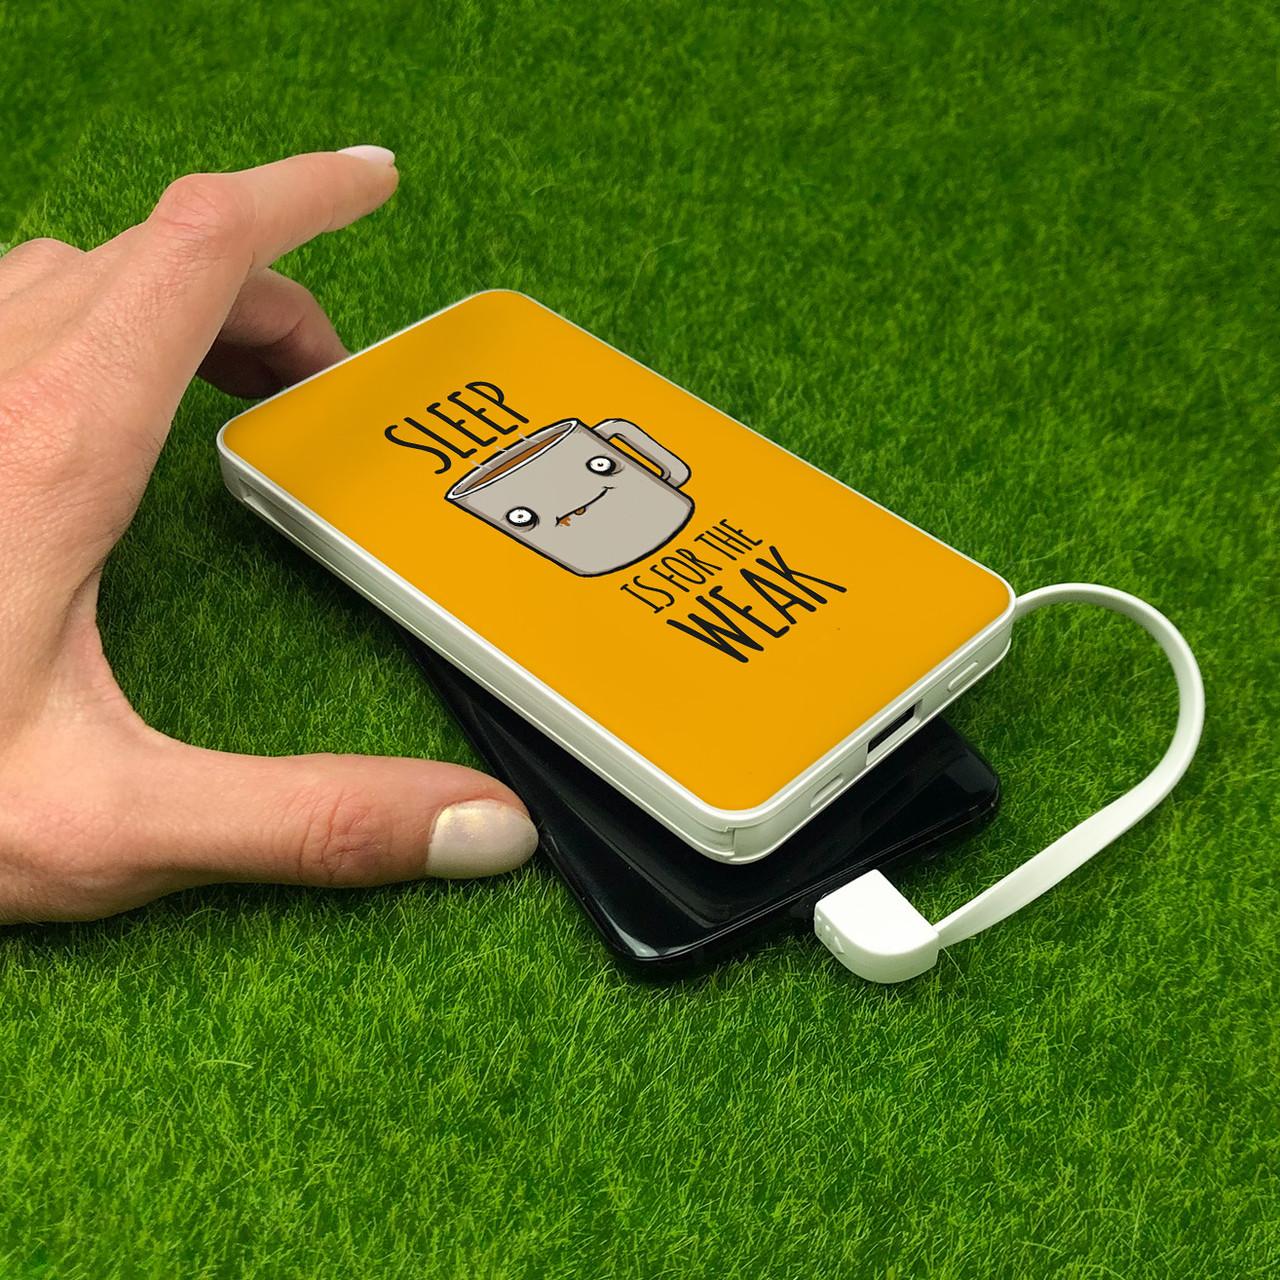 Повербанк ZIZ Сон для слабаков 10000 mAh Powerbank, повер банк, power bank, портативный, внешний аккумулятор